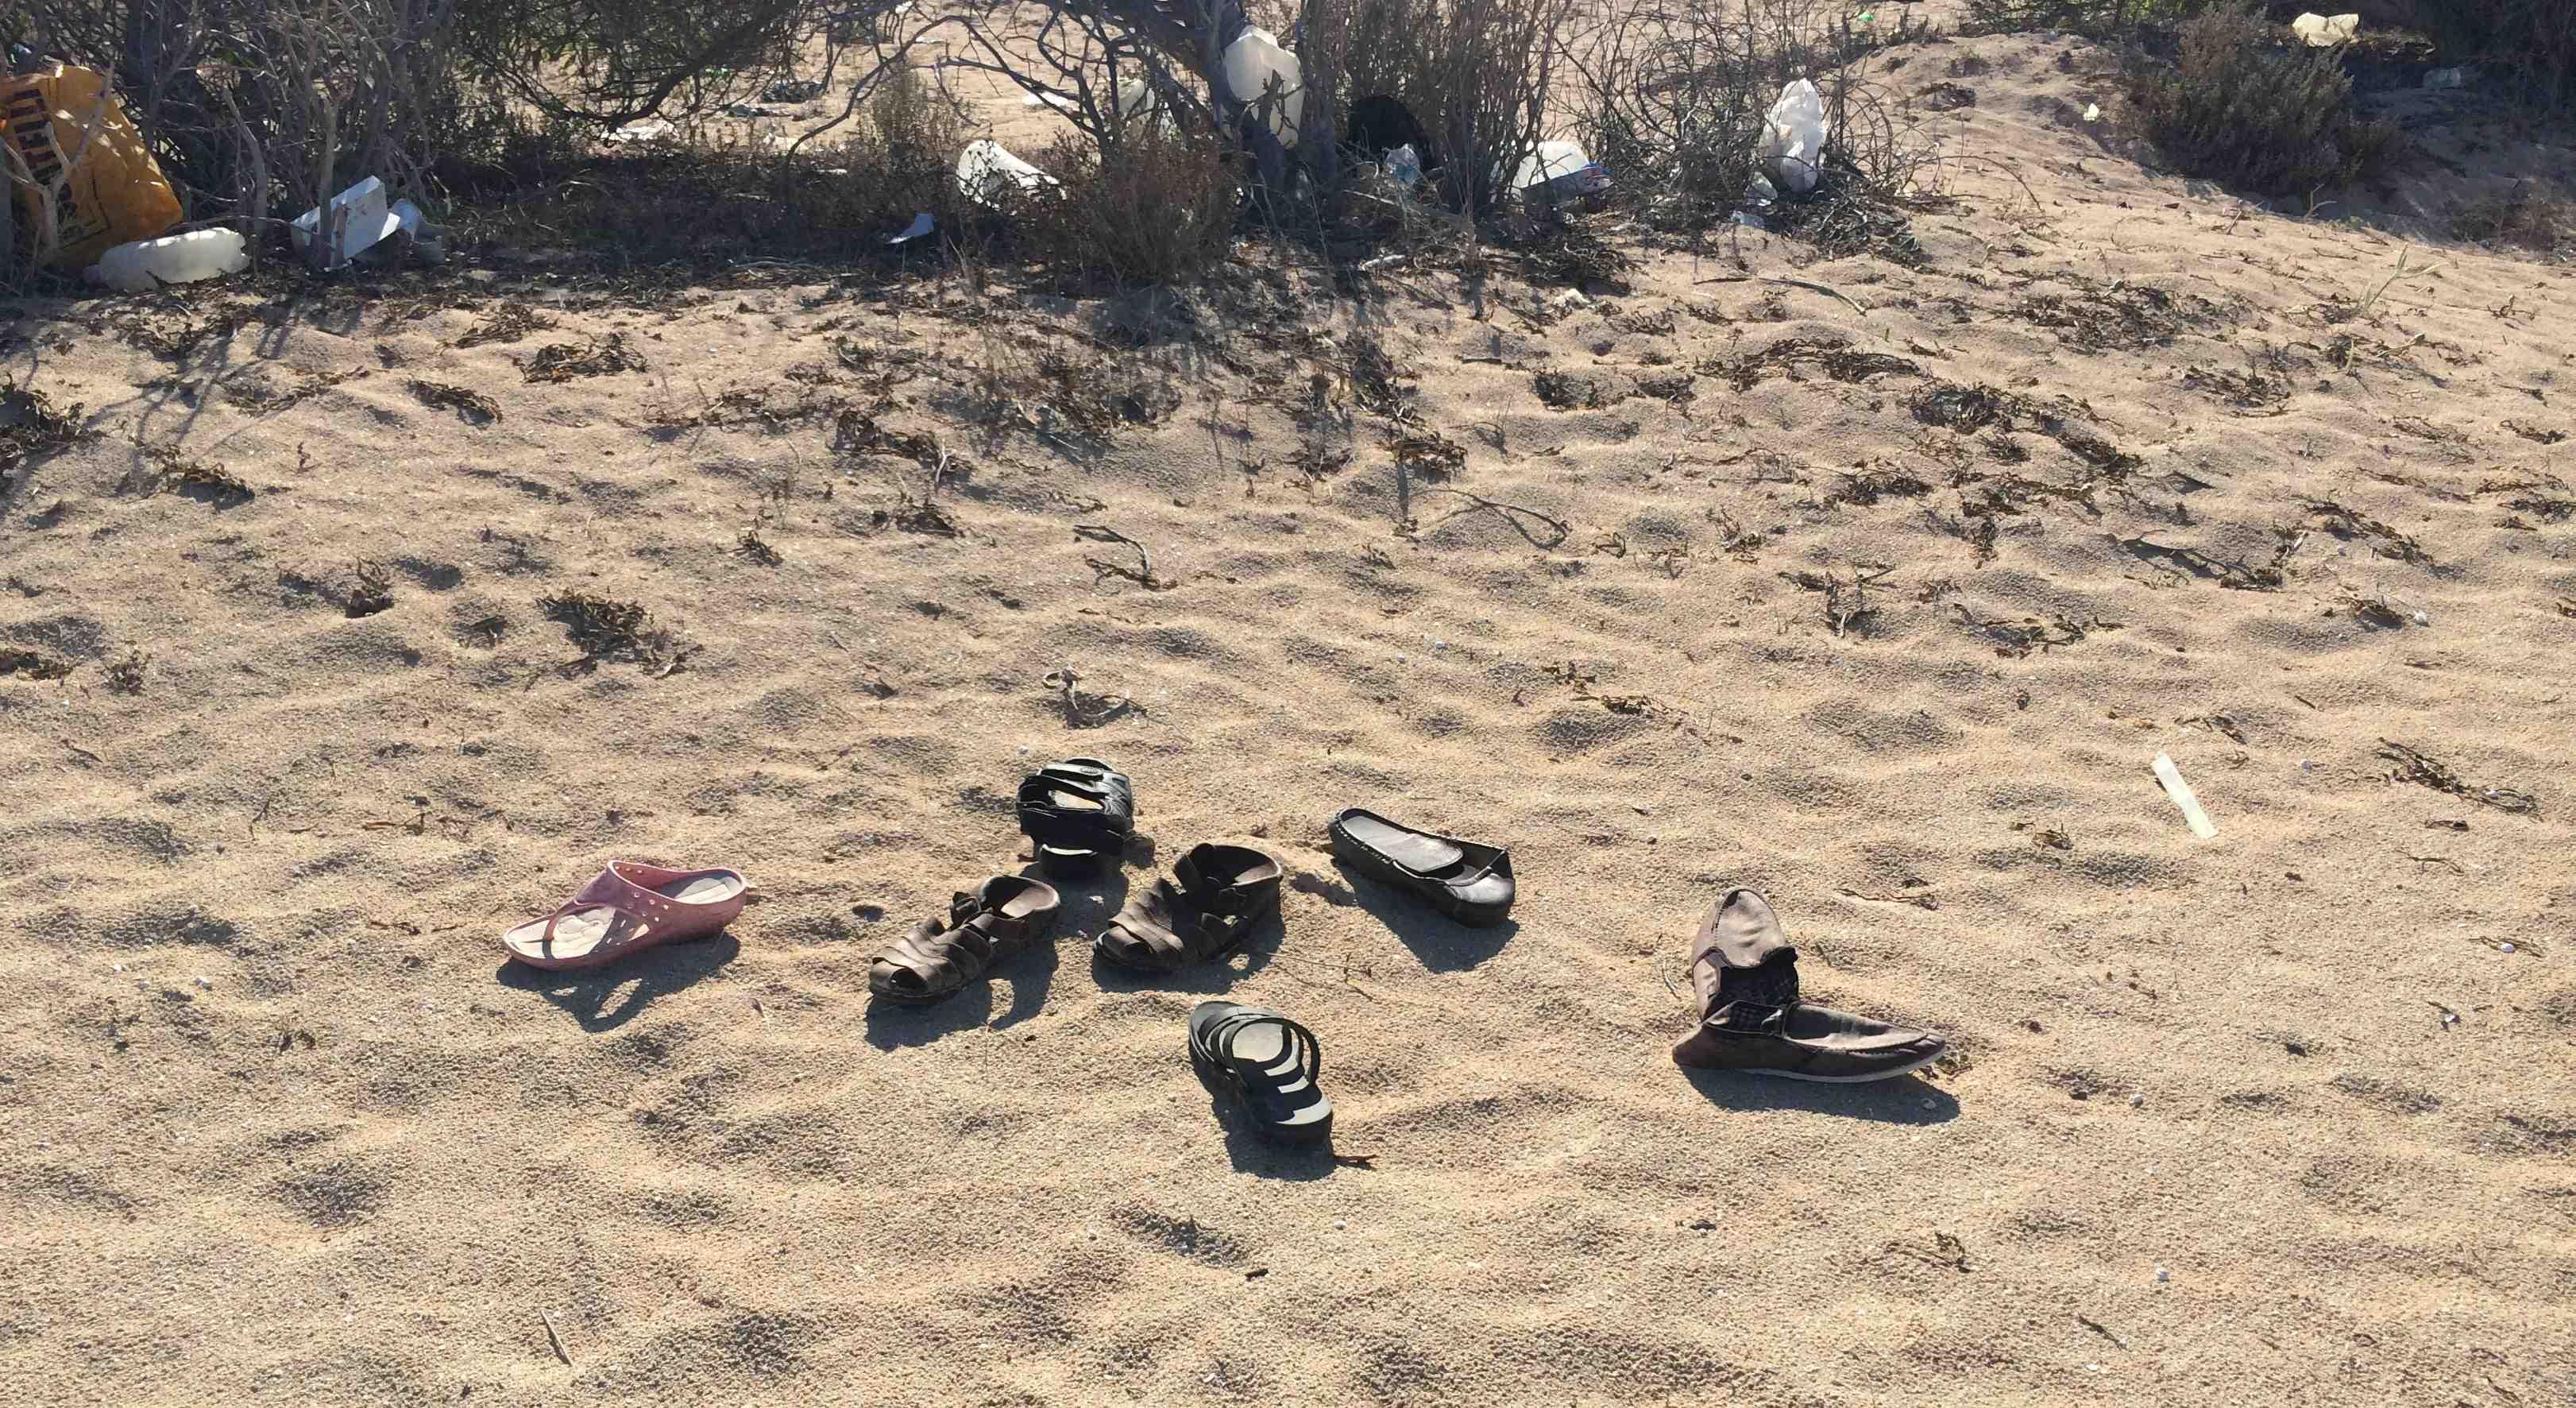 Sur une plage de l'ouest libyen. Photo : F.A (Intégrales Mag)